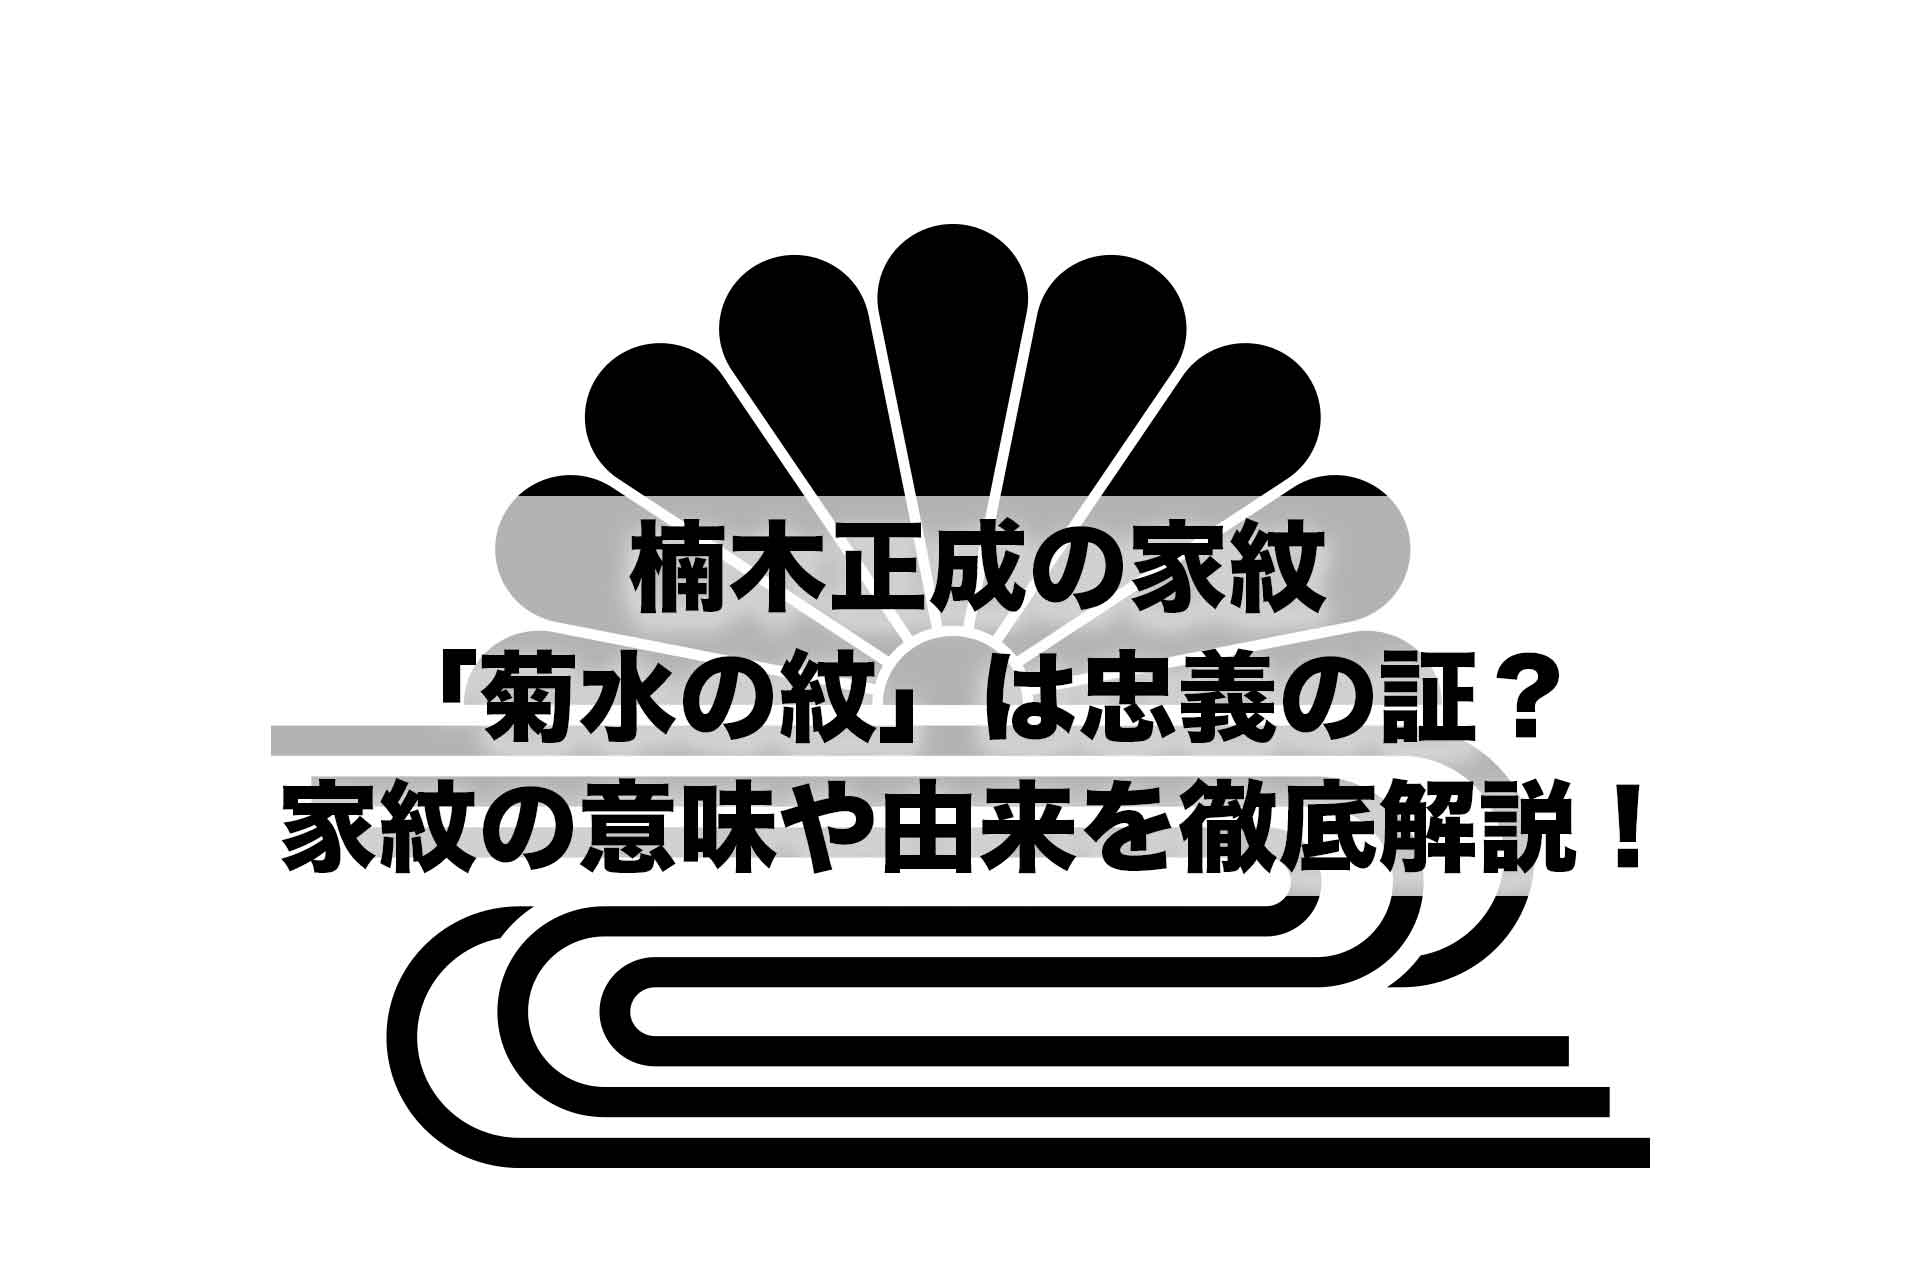 楠木正成の家紋「菊水の紋」は忠義の証?家紋の意味や由来を徹底解説!